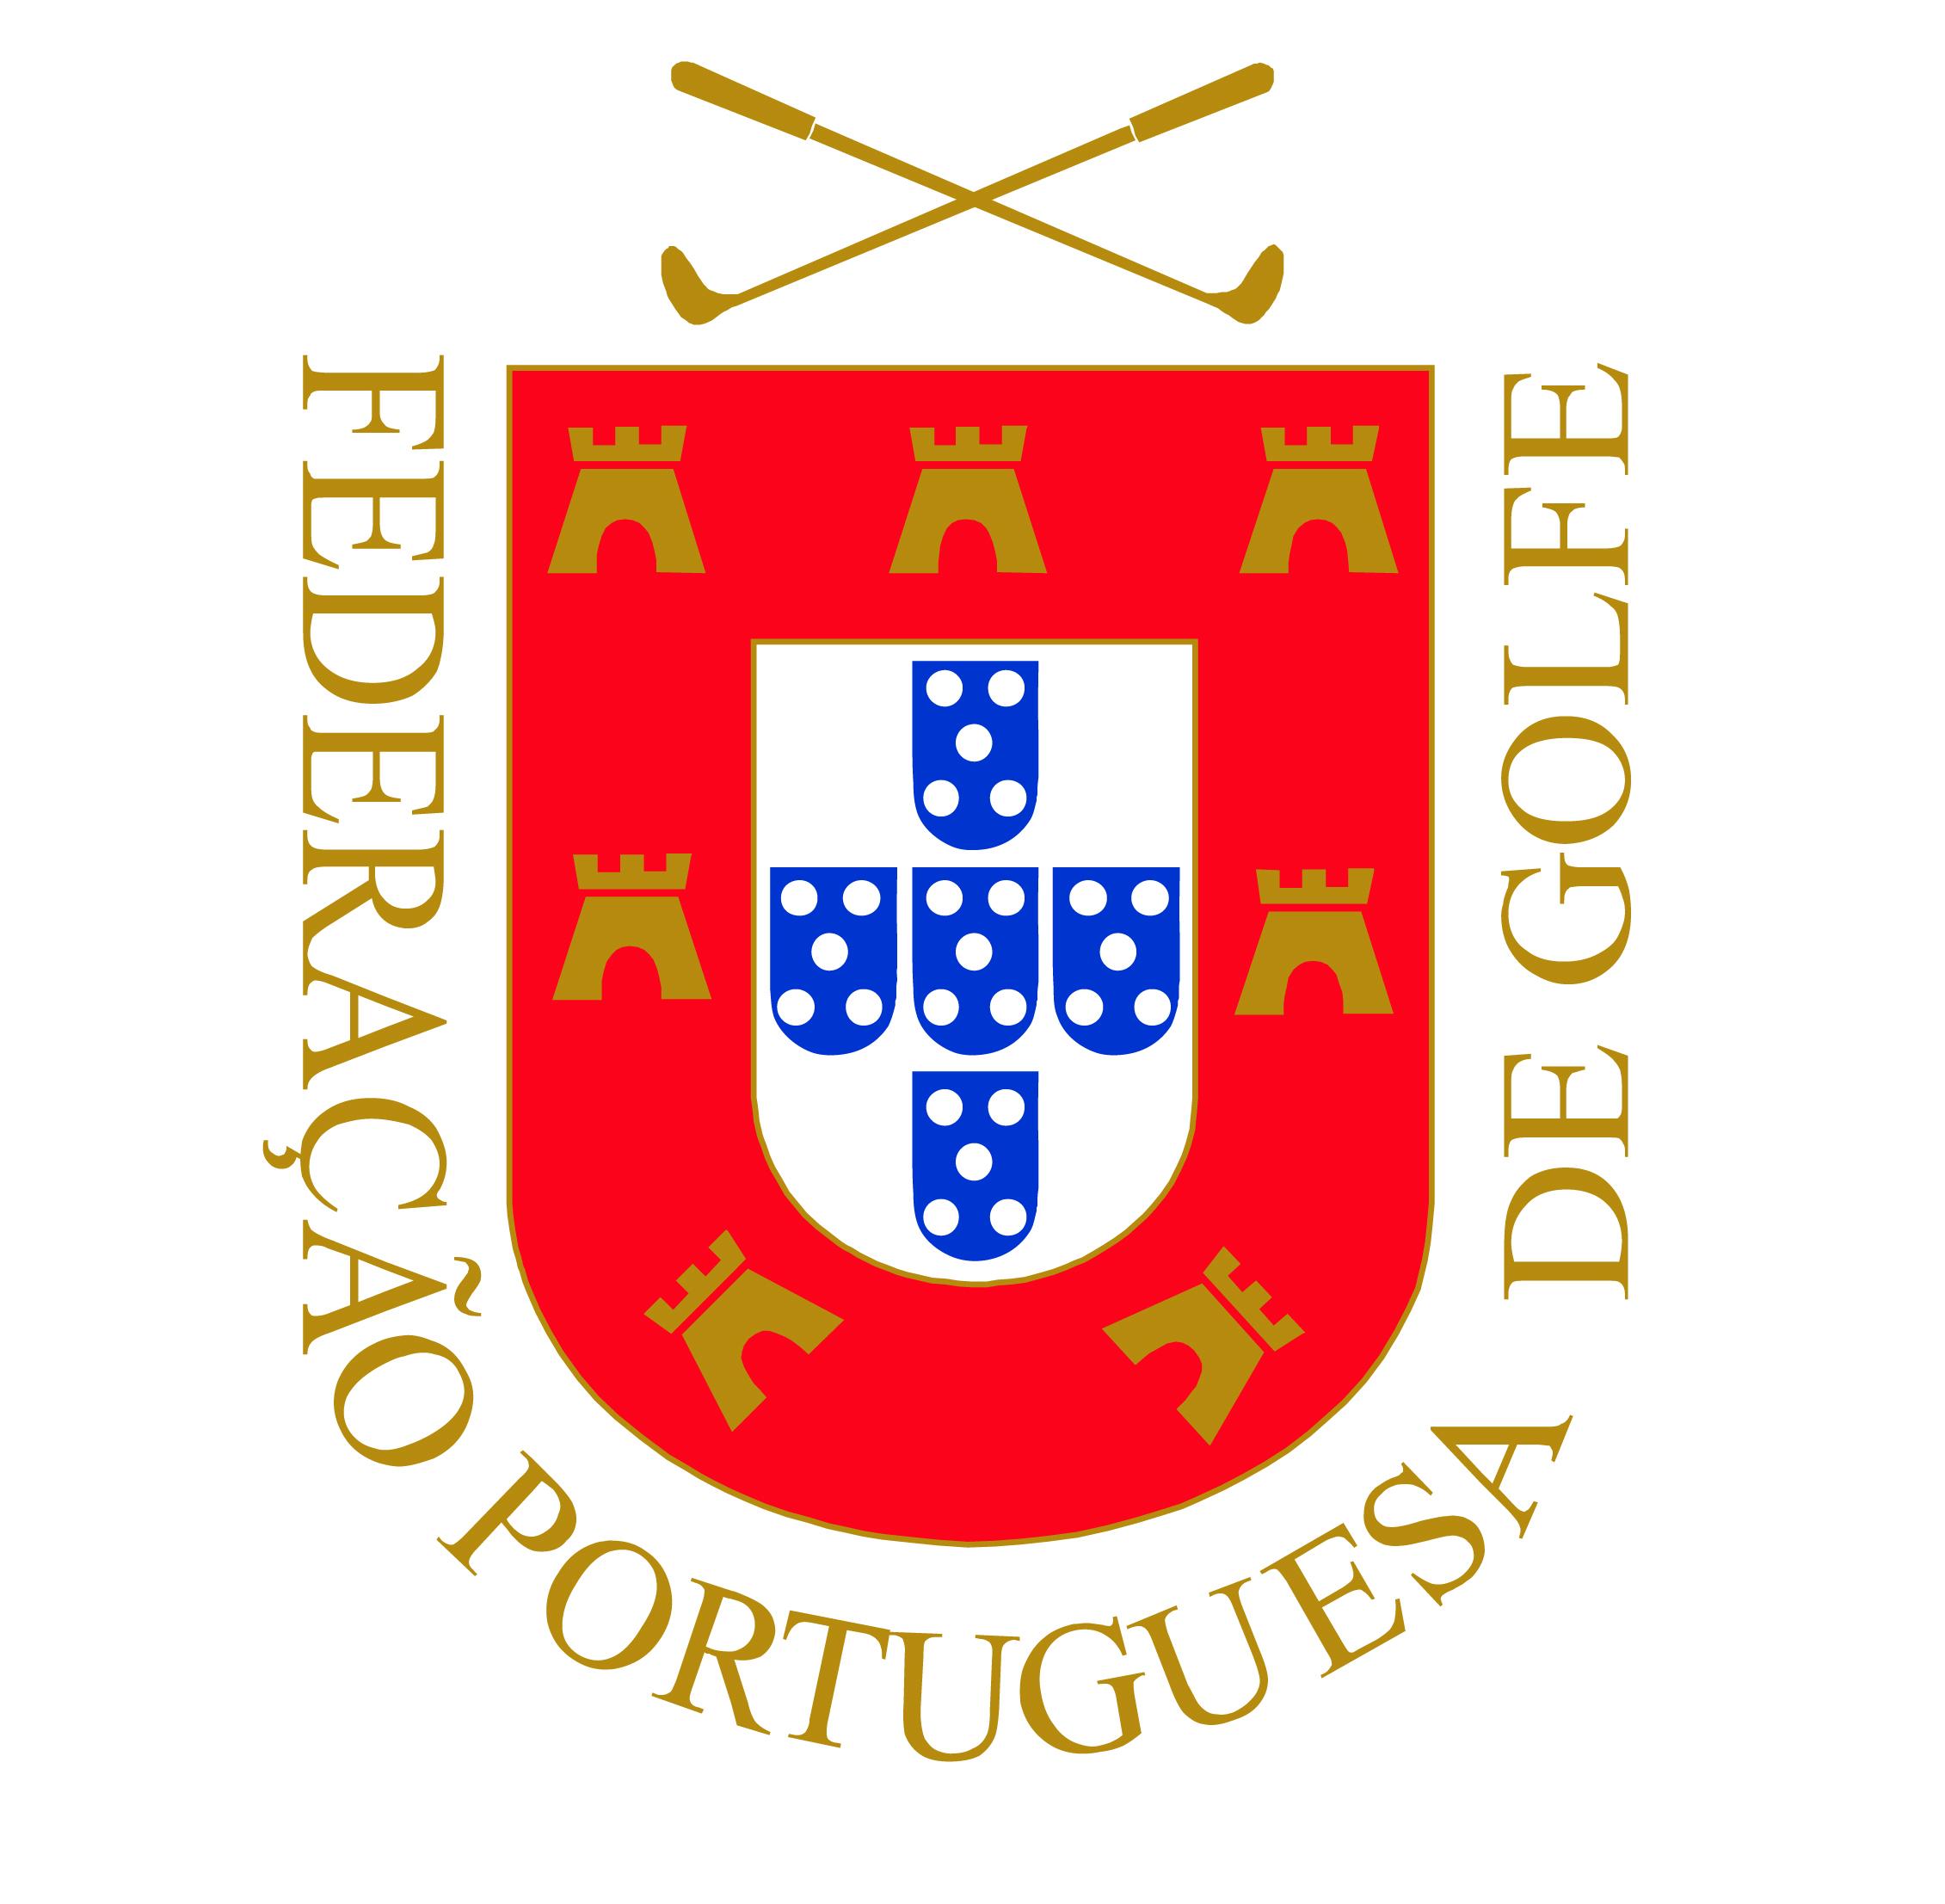 REVISÃO À CIRCULAR 02/2020 – PRORROGAÇÃO DAS MEDIDAS A ADOPTAR PELA FEDERAÇÃO PORTUGUESA DE GOLFE